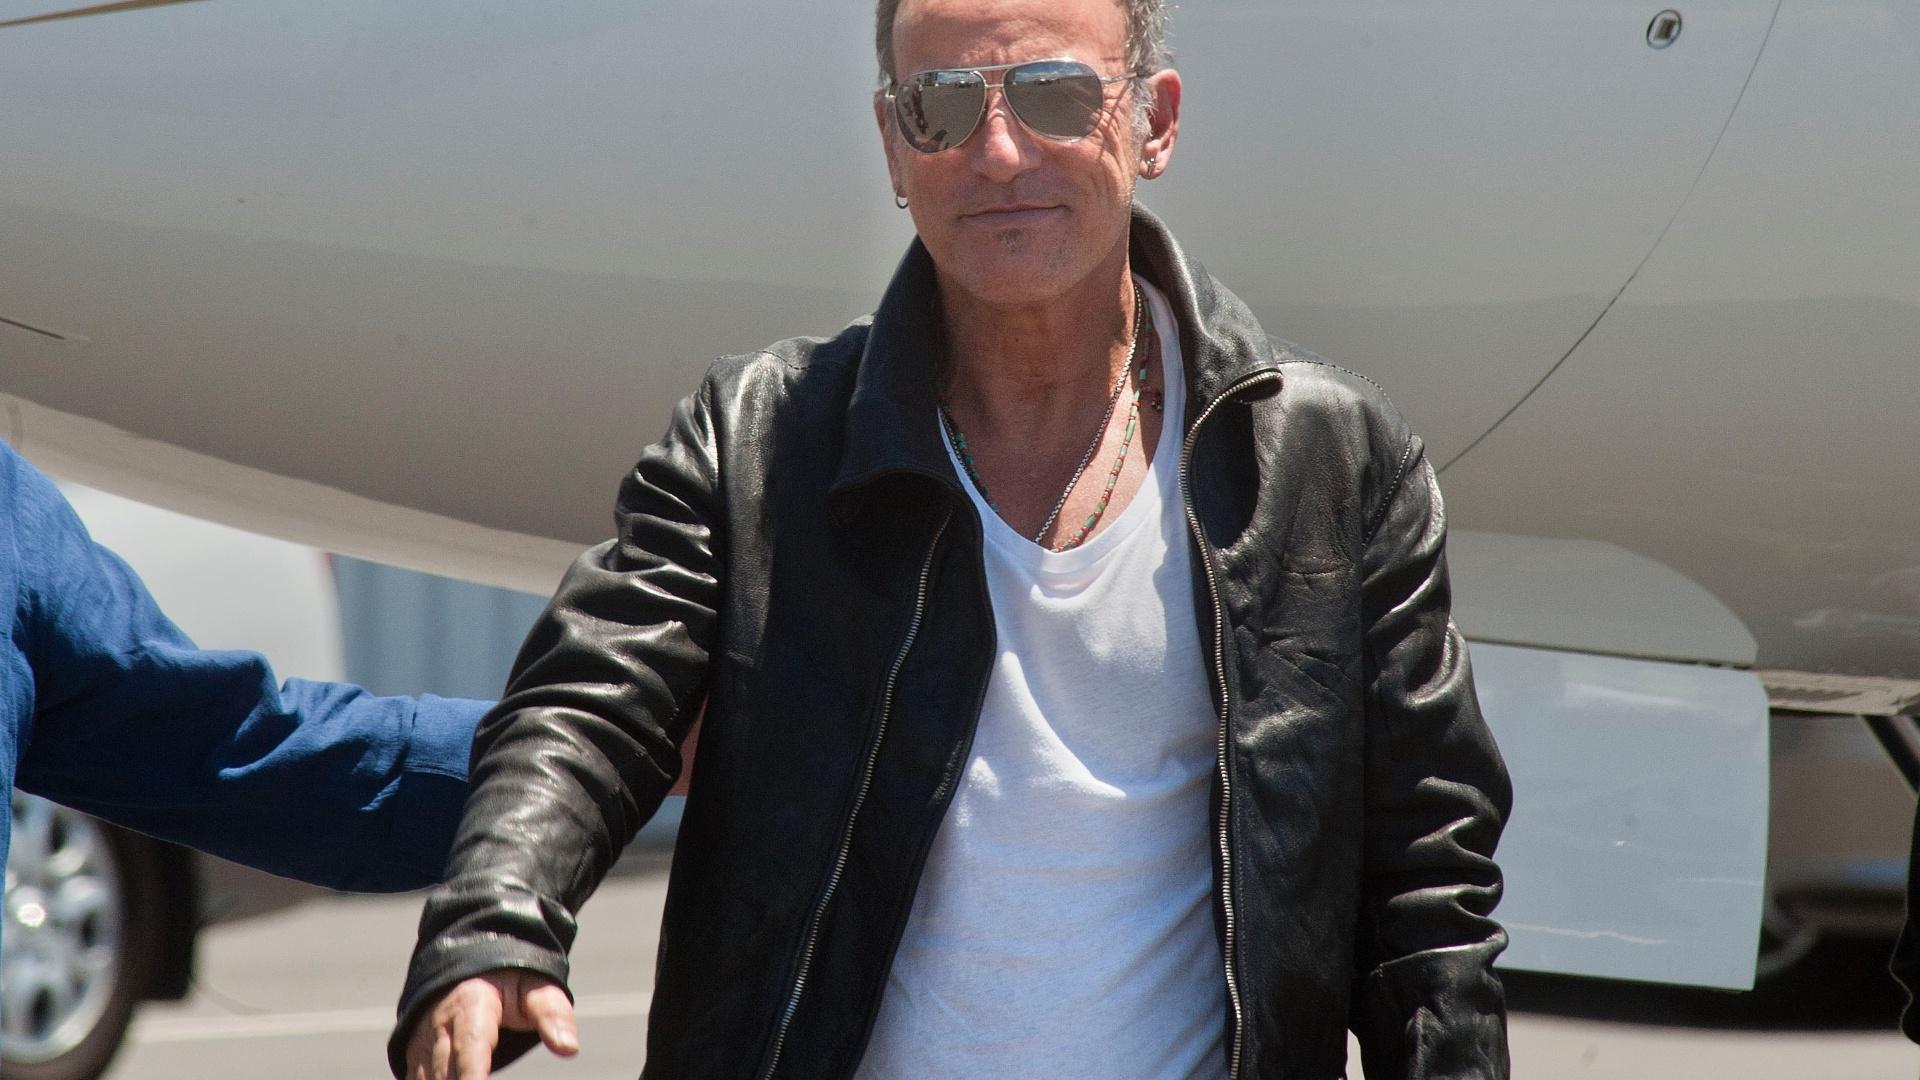 24.jan.2014 - Bruce Springsteen chega à Cidade do Cabo, na África do Sul, para dar início a sua turnê mundial com show no dia 26